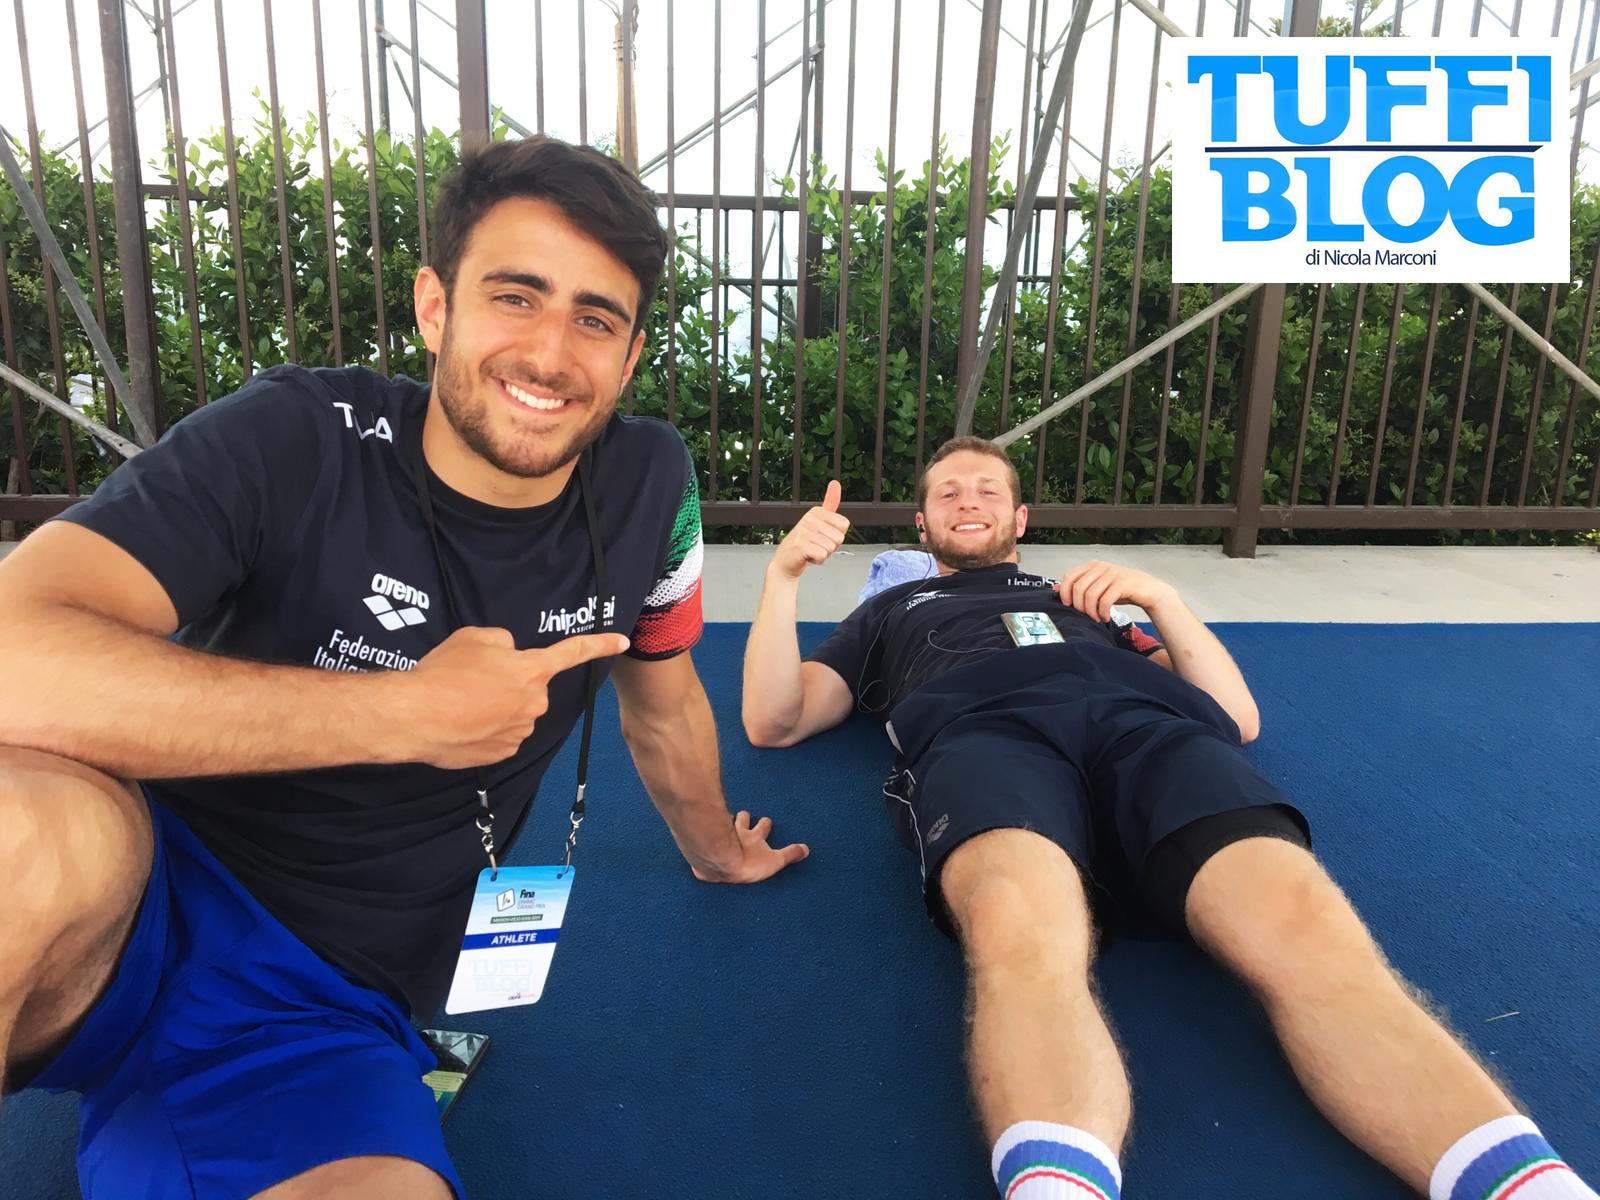 FINA Diving Grand Prix: Stati Uniti - Marsaglia e Batki passano in semifinale, fuori Tocci